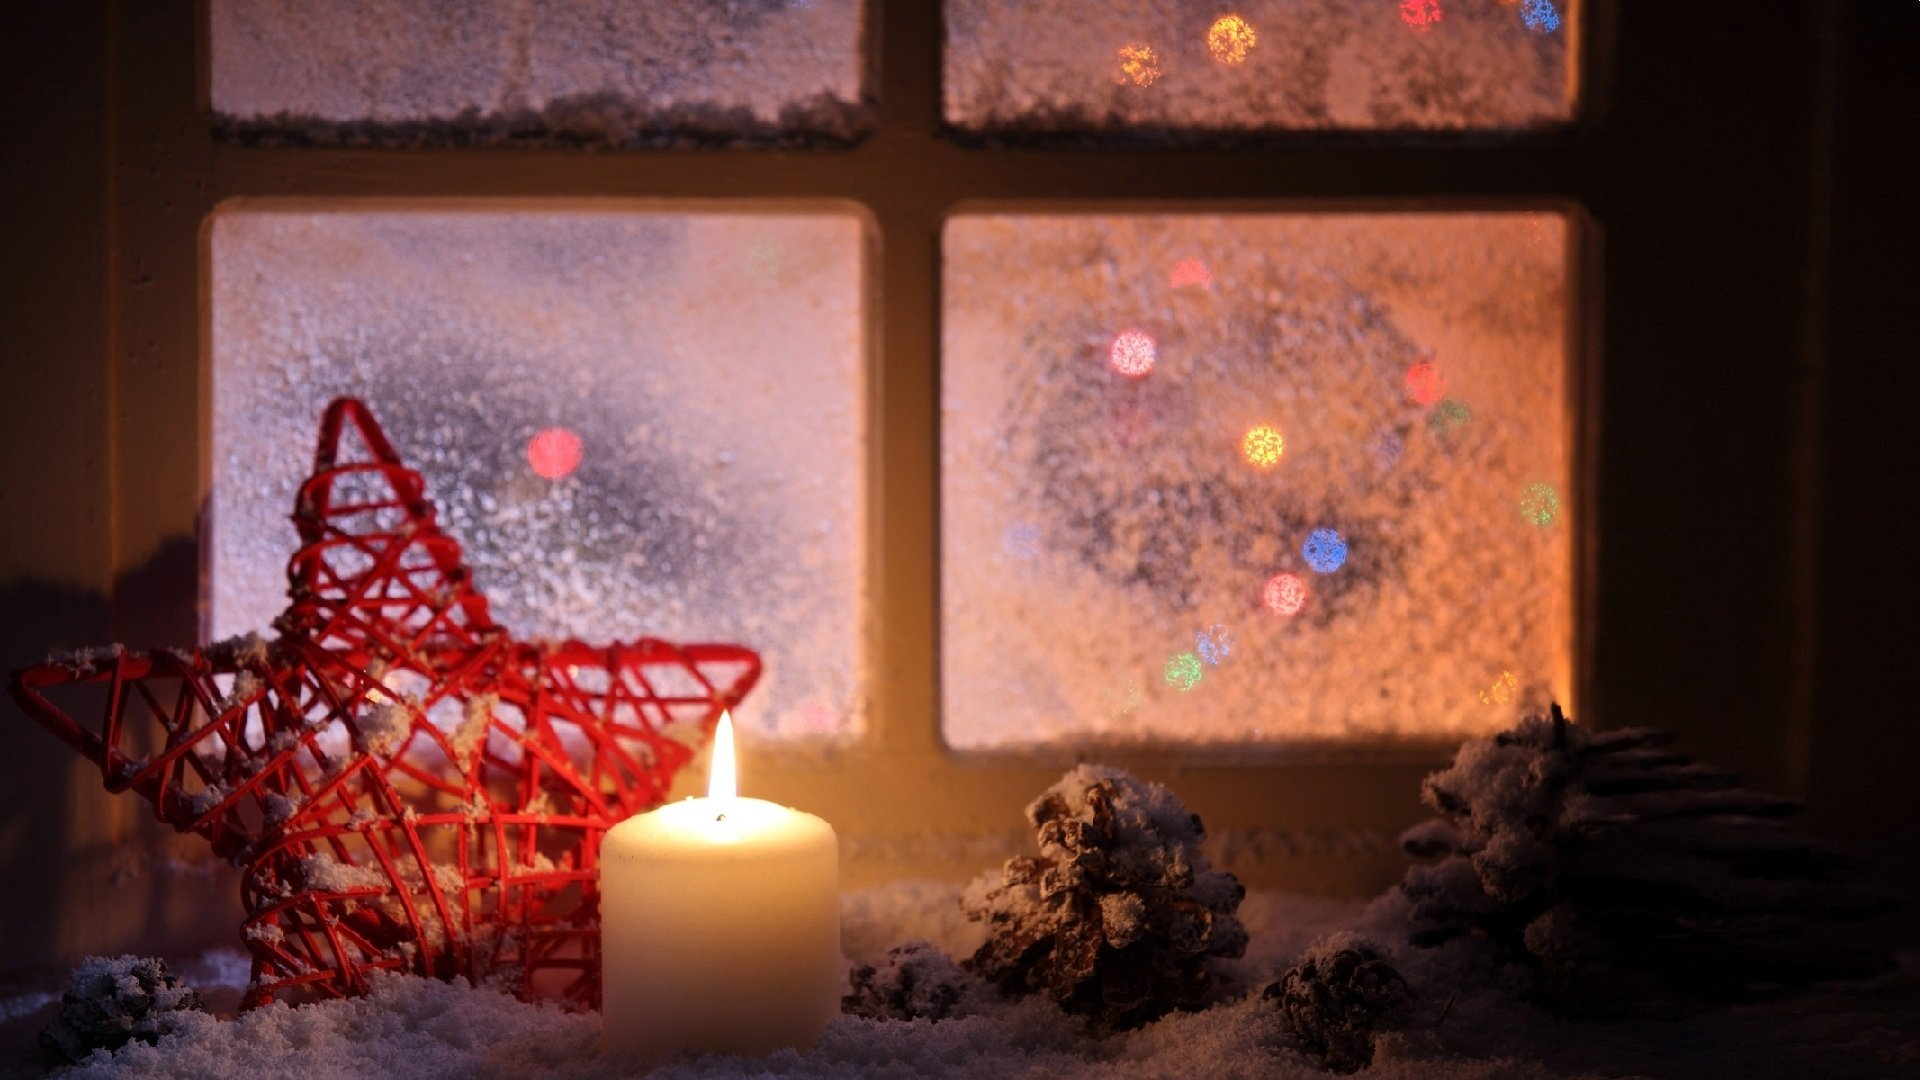 Winter Aesthetic Wallpaper HD